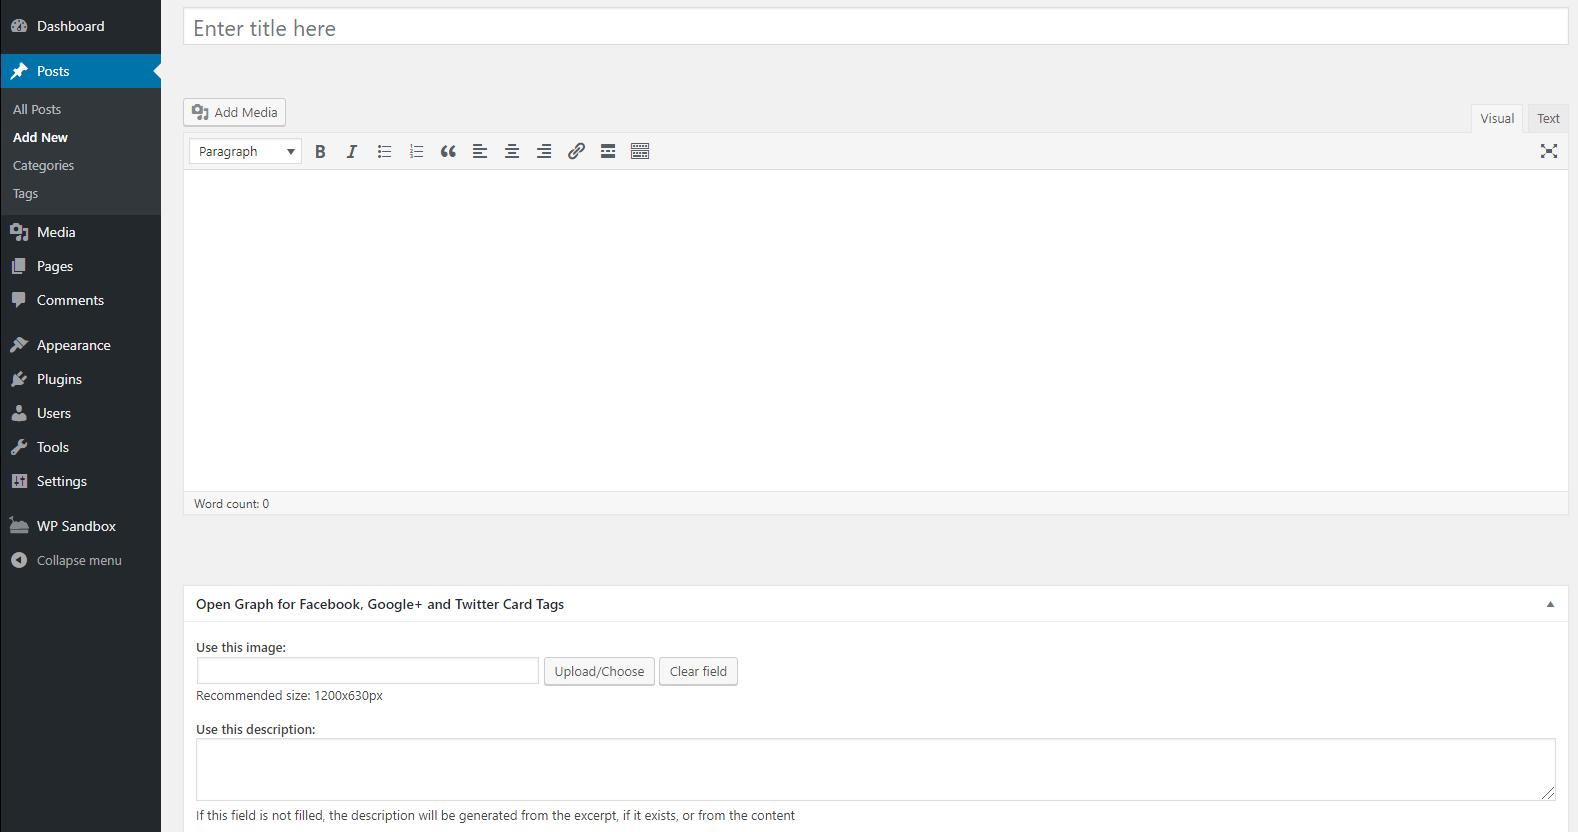 open graph widget